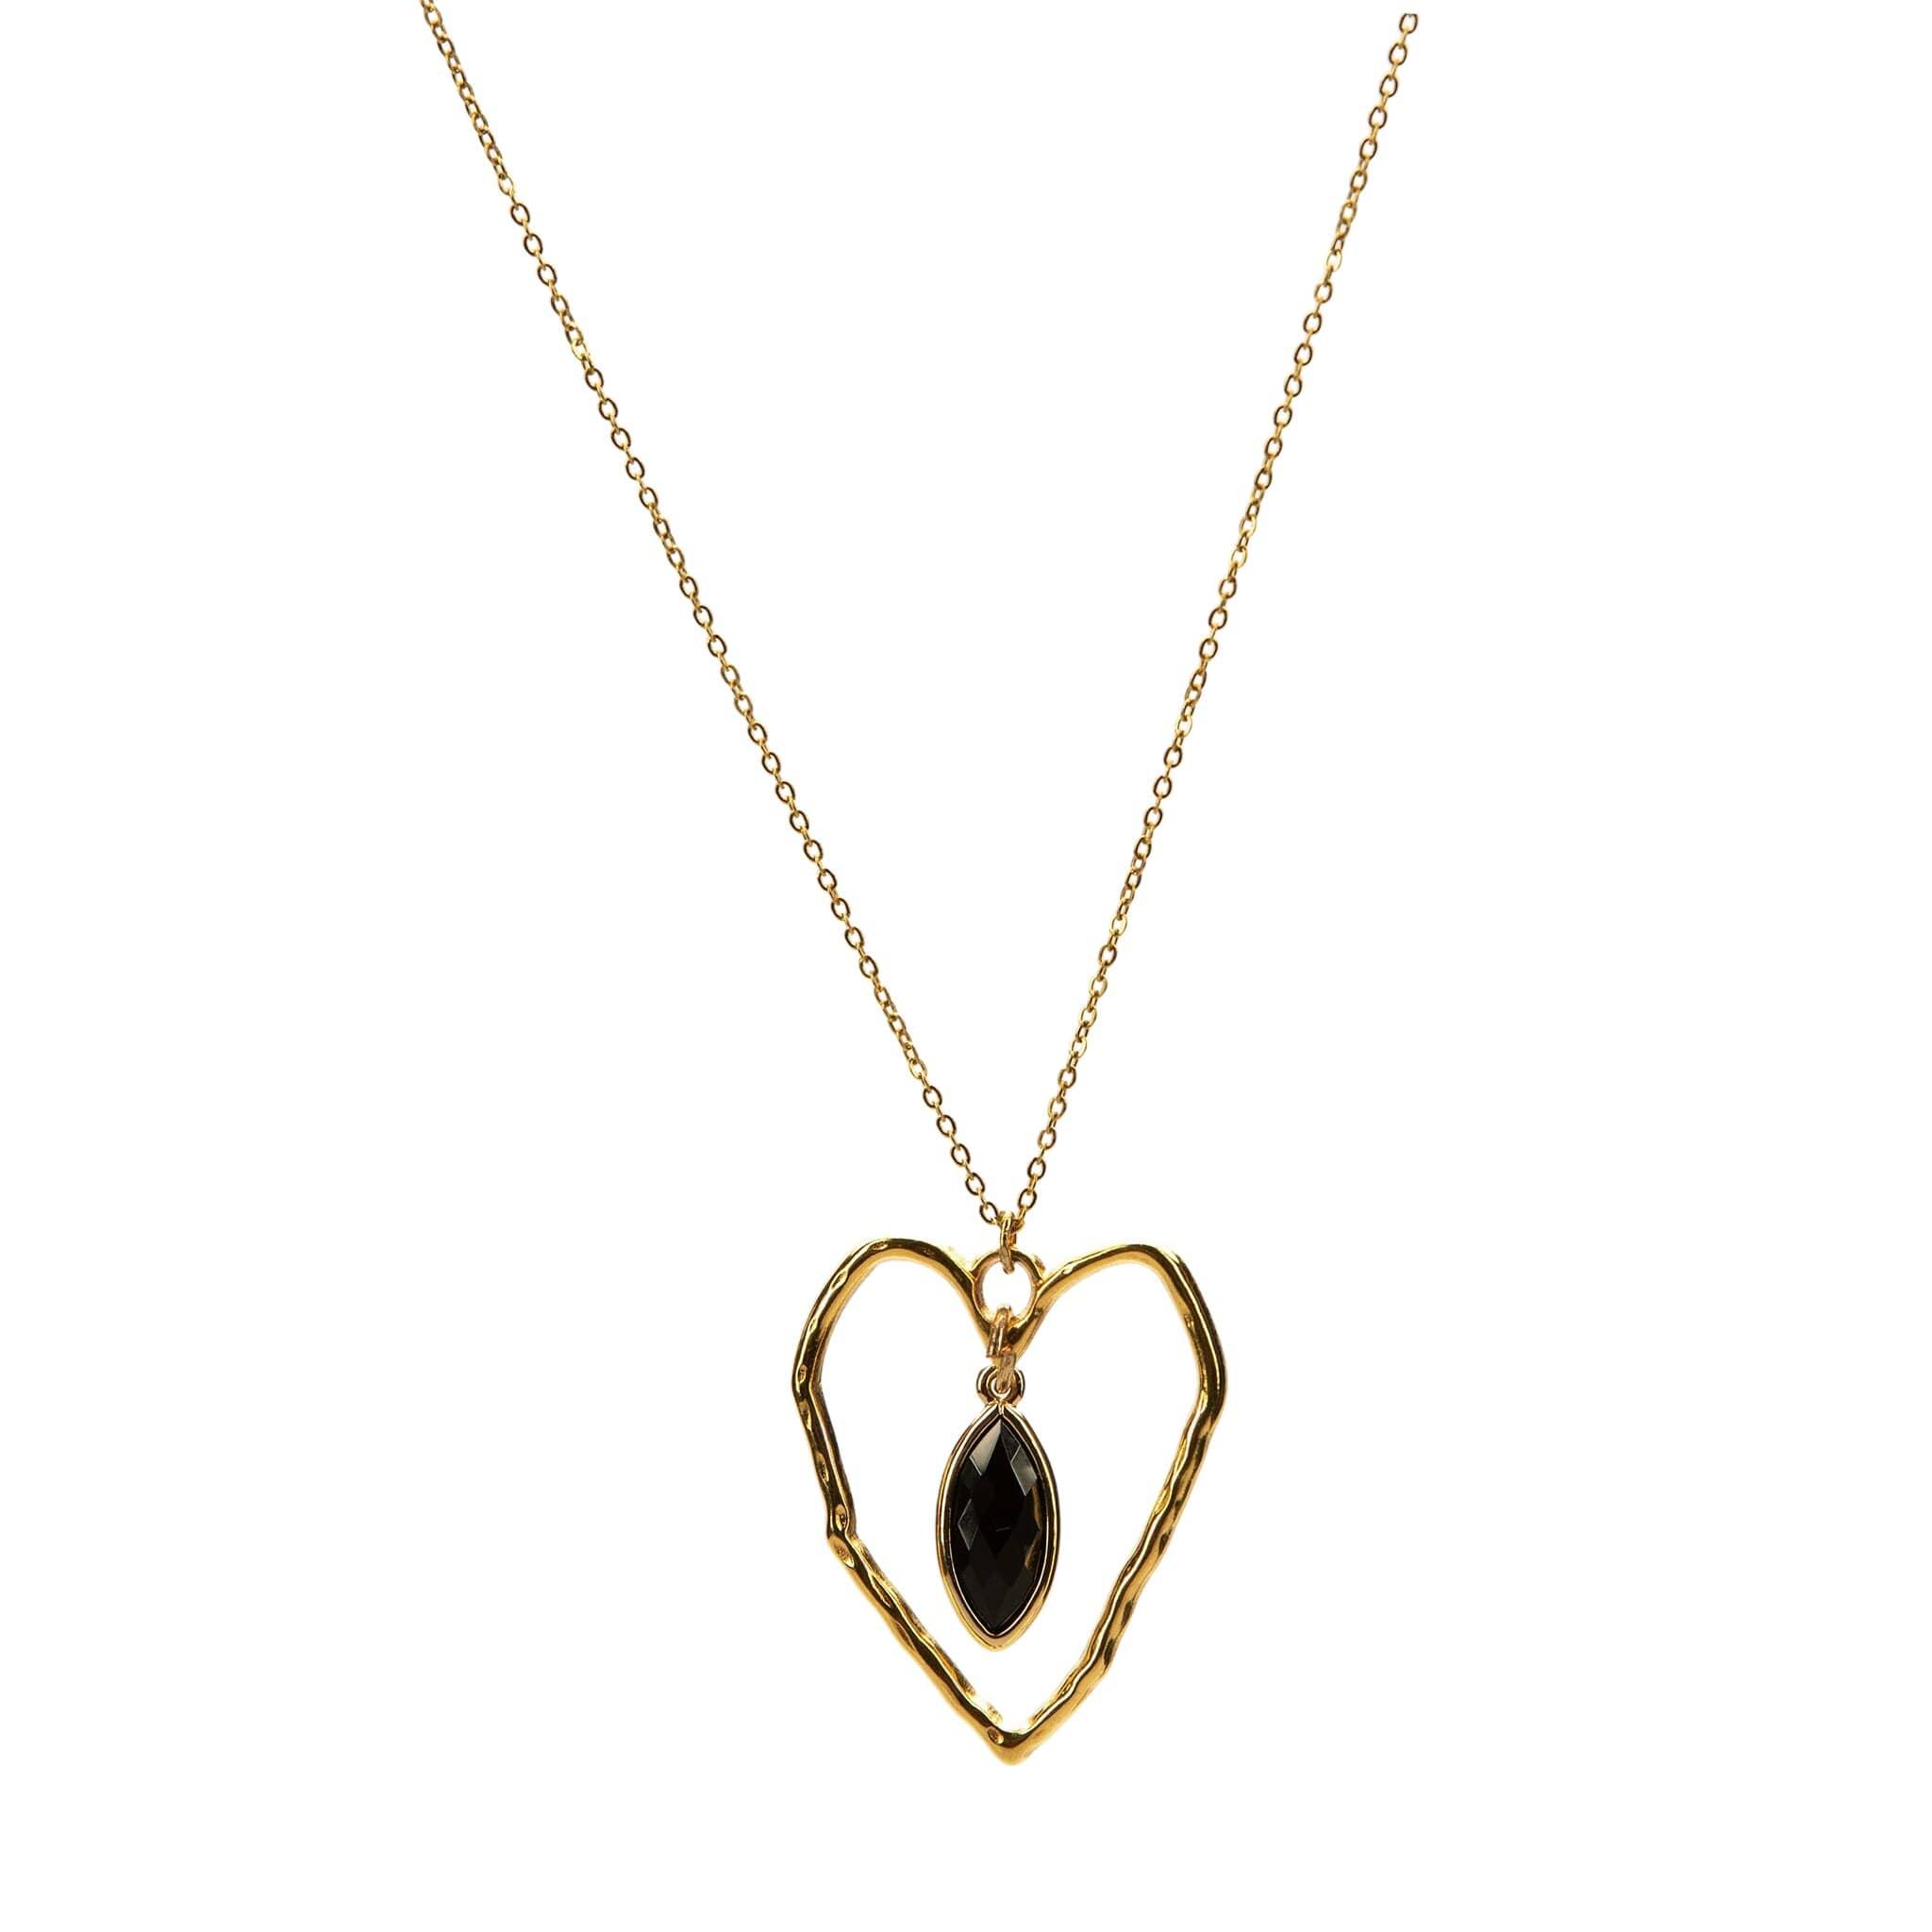 Κολιέ Καρδιά με Γυάλινο Στοιχείο